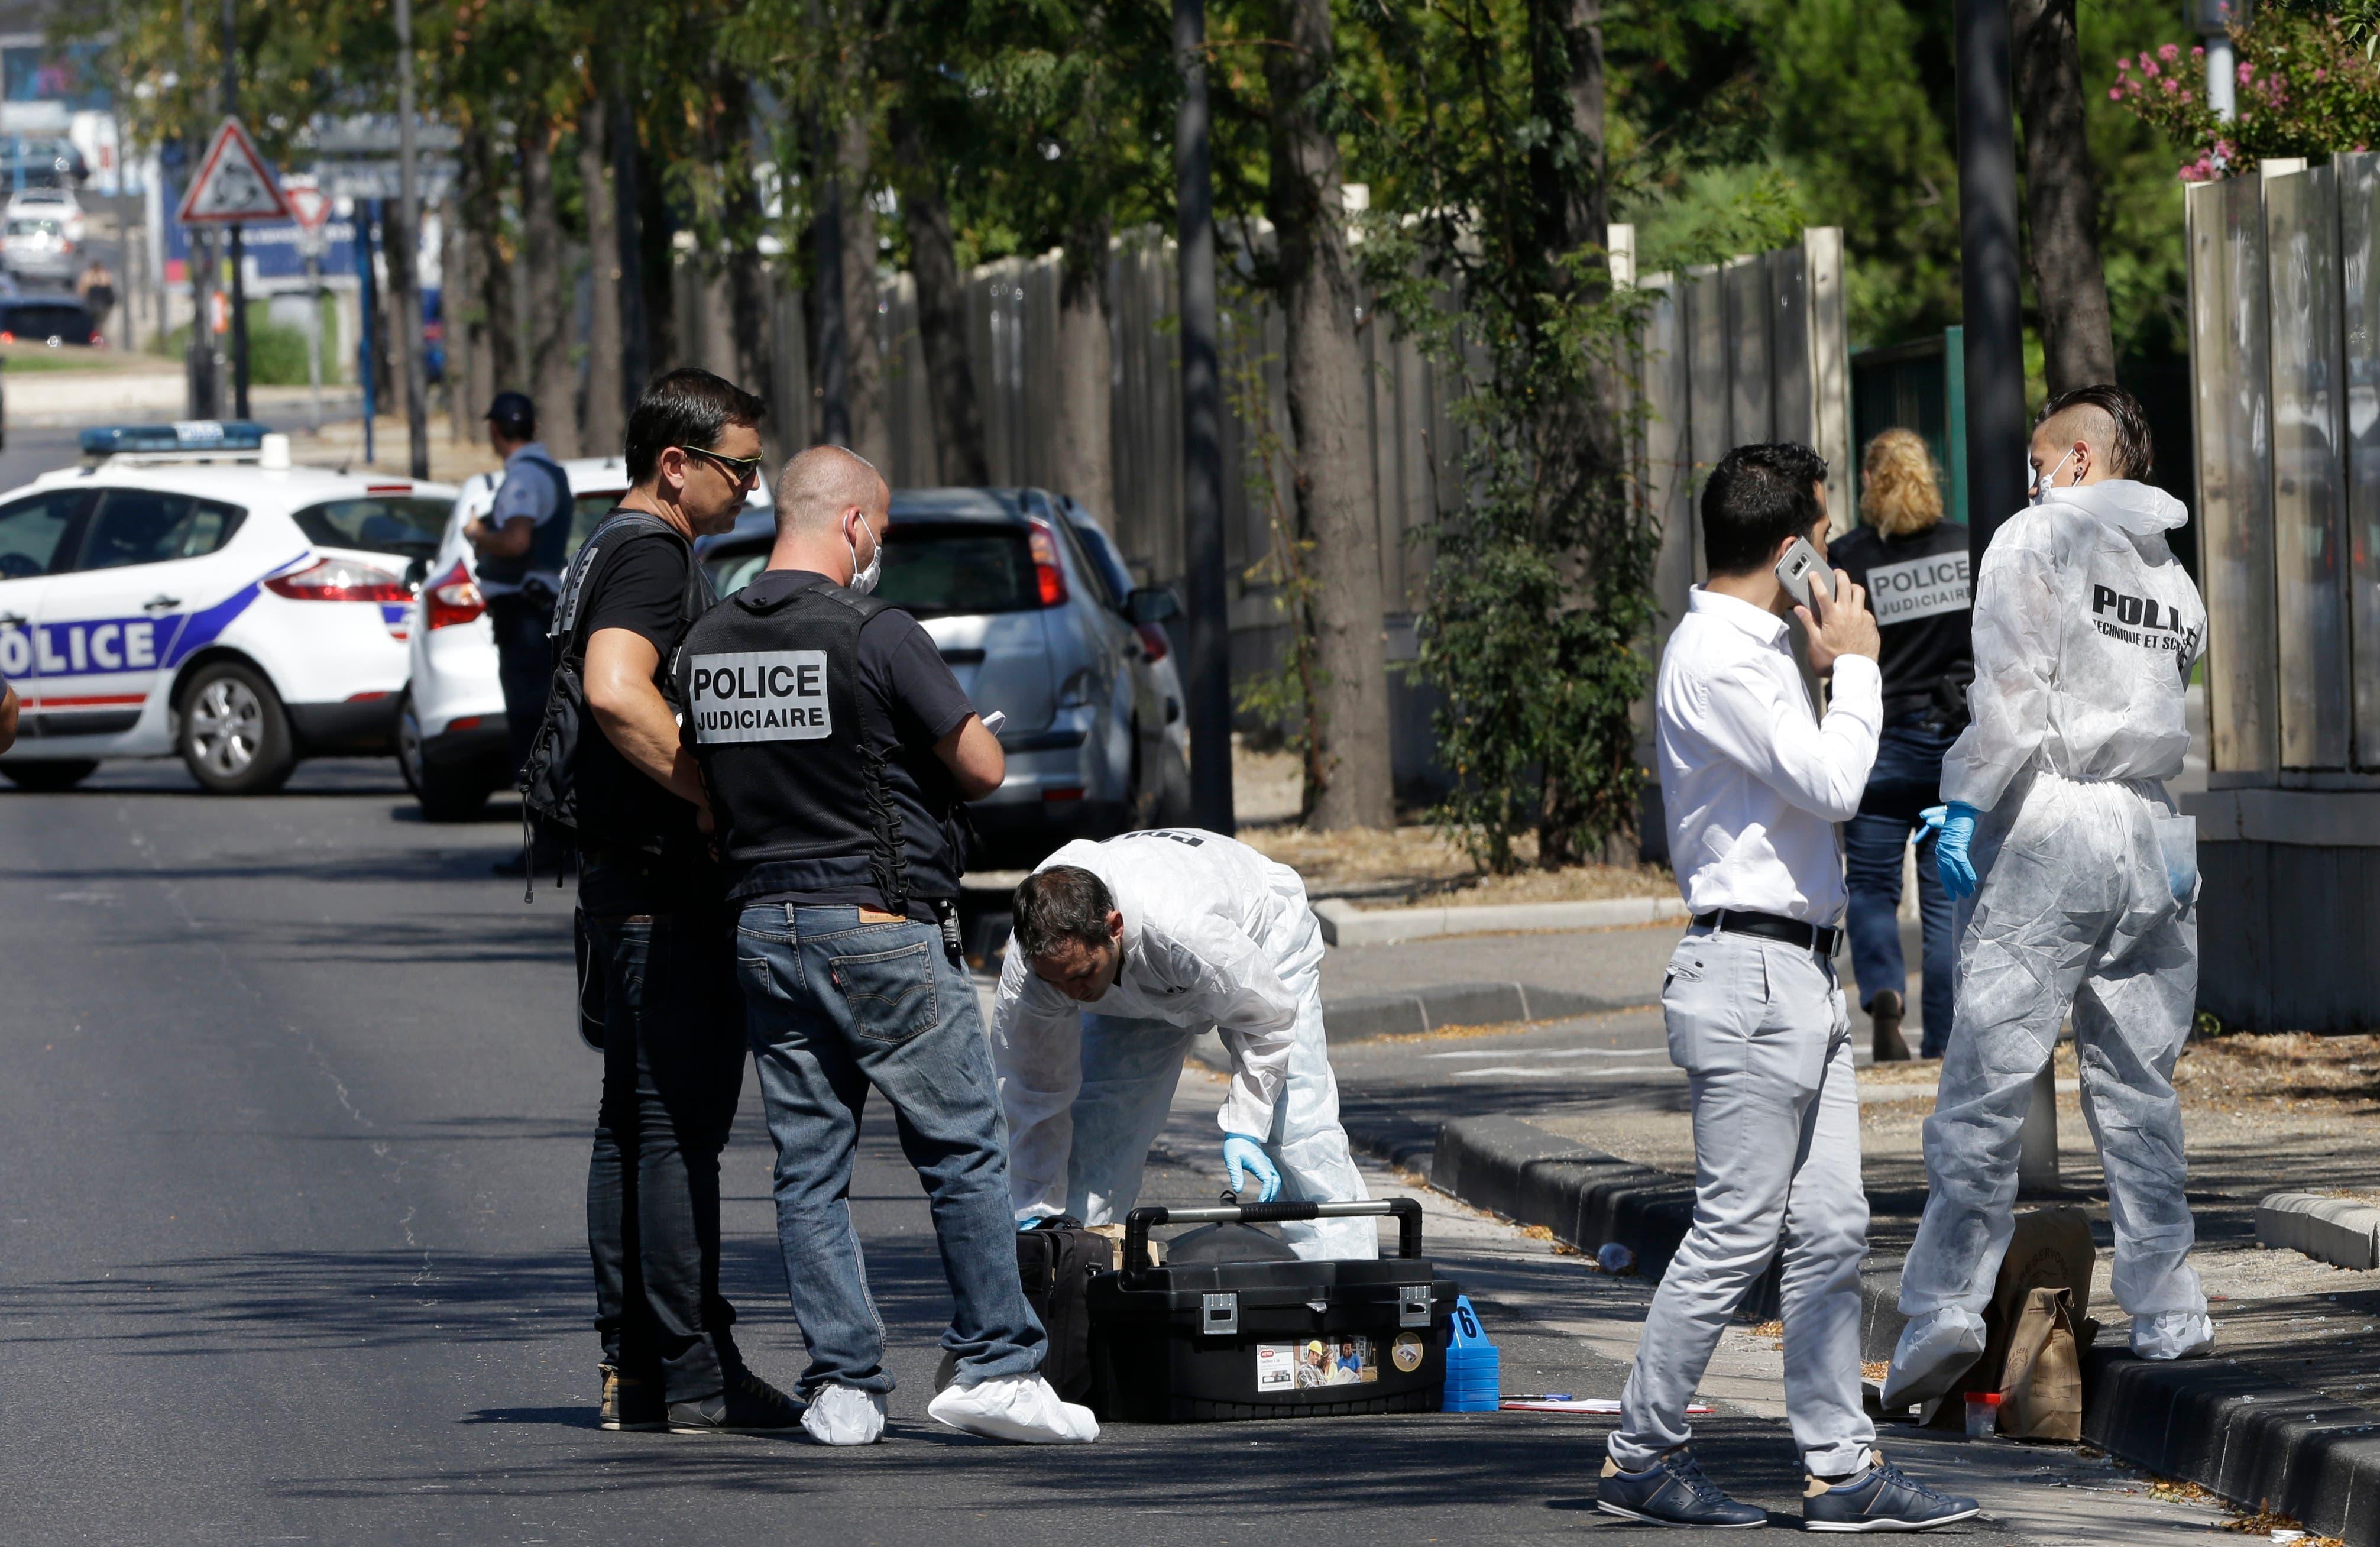 Agentes de la policía francesa trabajan cerca de un autobús en el distrito de La Valentine, después de que una camioneta embistiera contra dos paradas de autobús en la ciudad francesa de Marsella, en el sur de Francia, el lunes 21 de agosto de 2017. (AP Foto/Claude Paris)